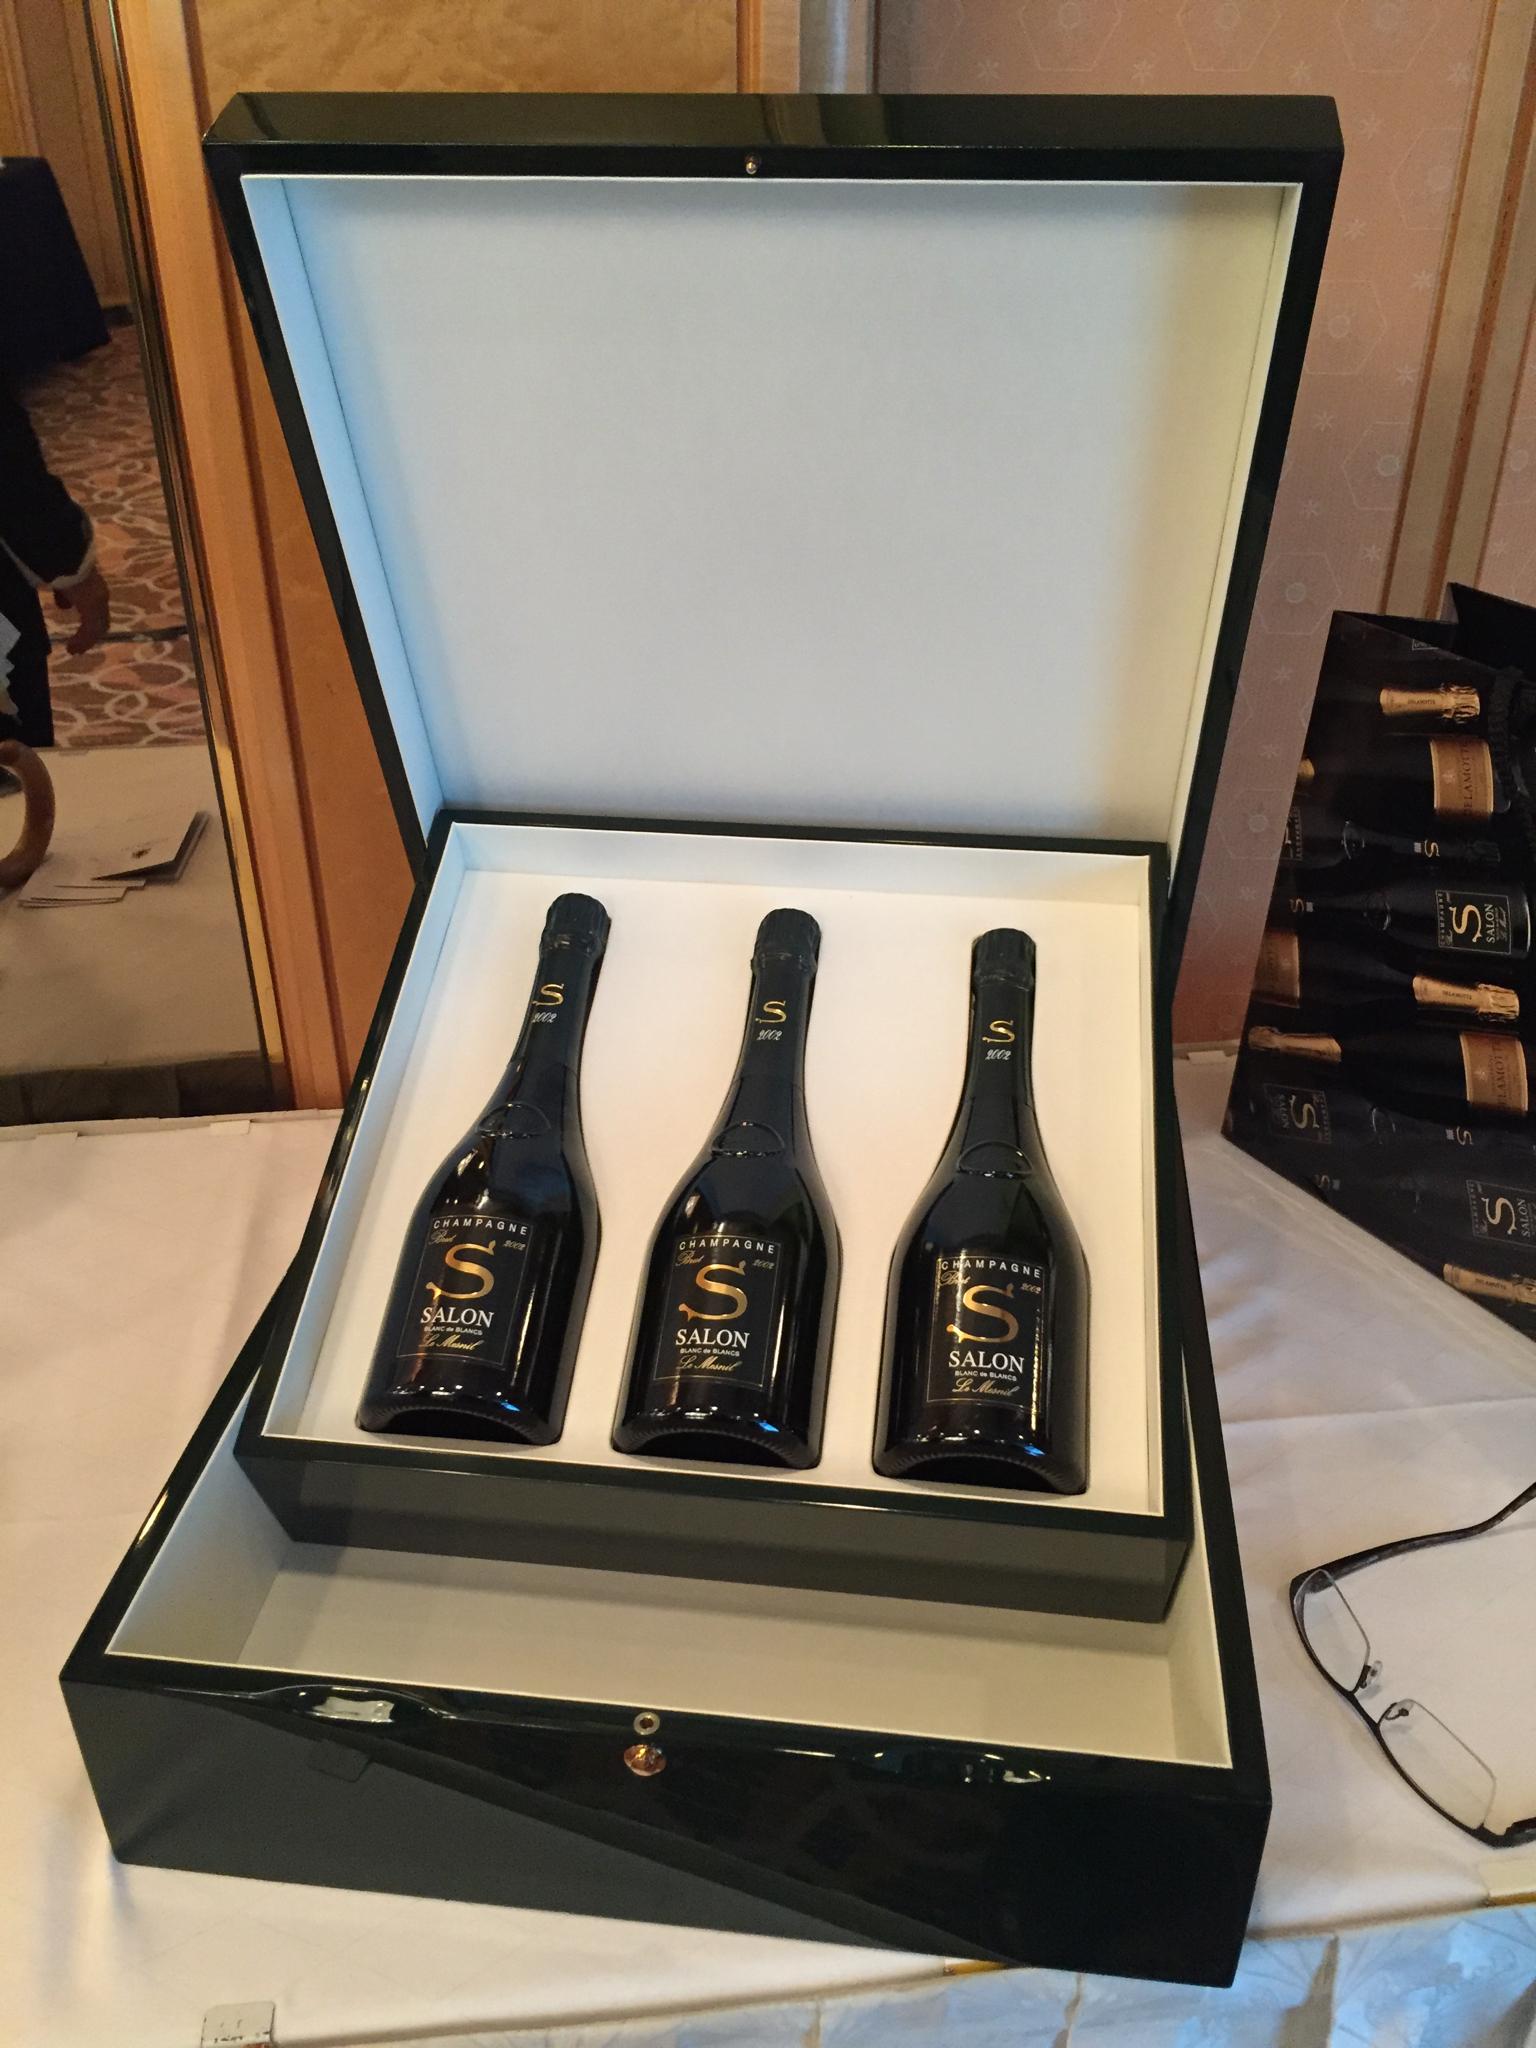 Champagne Salon 2004 Release